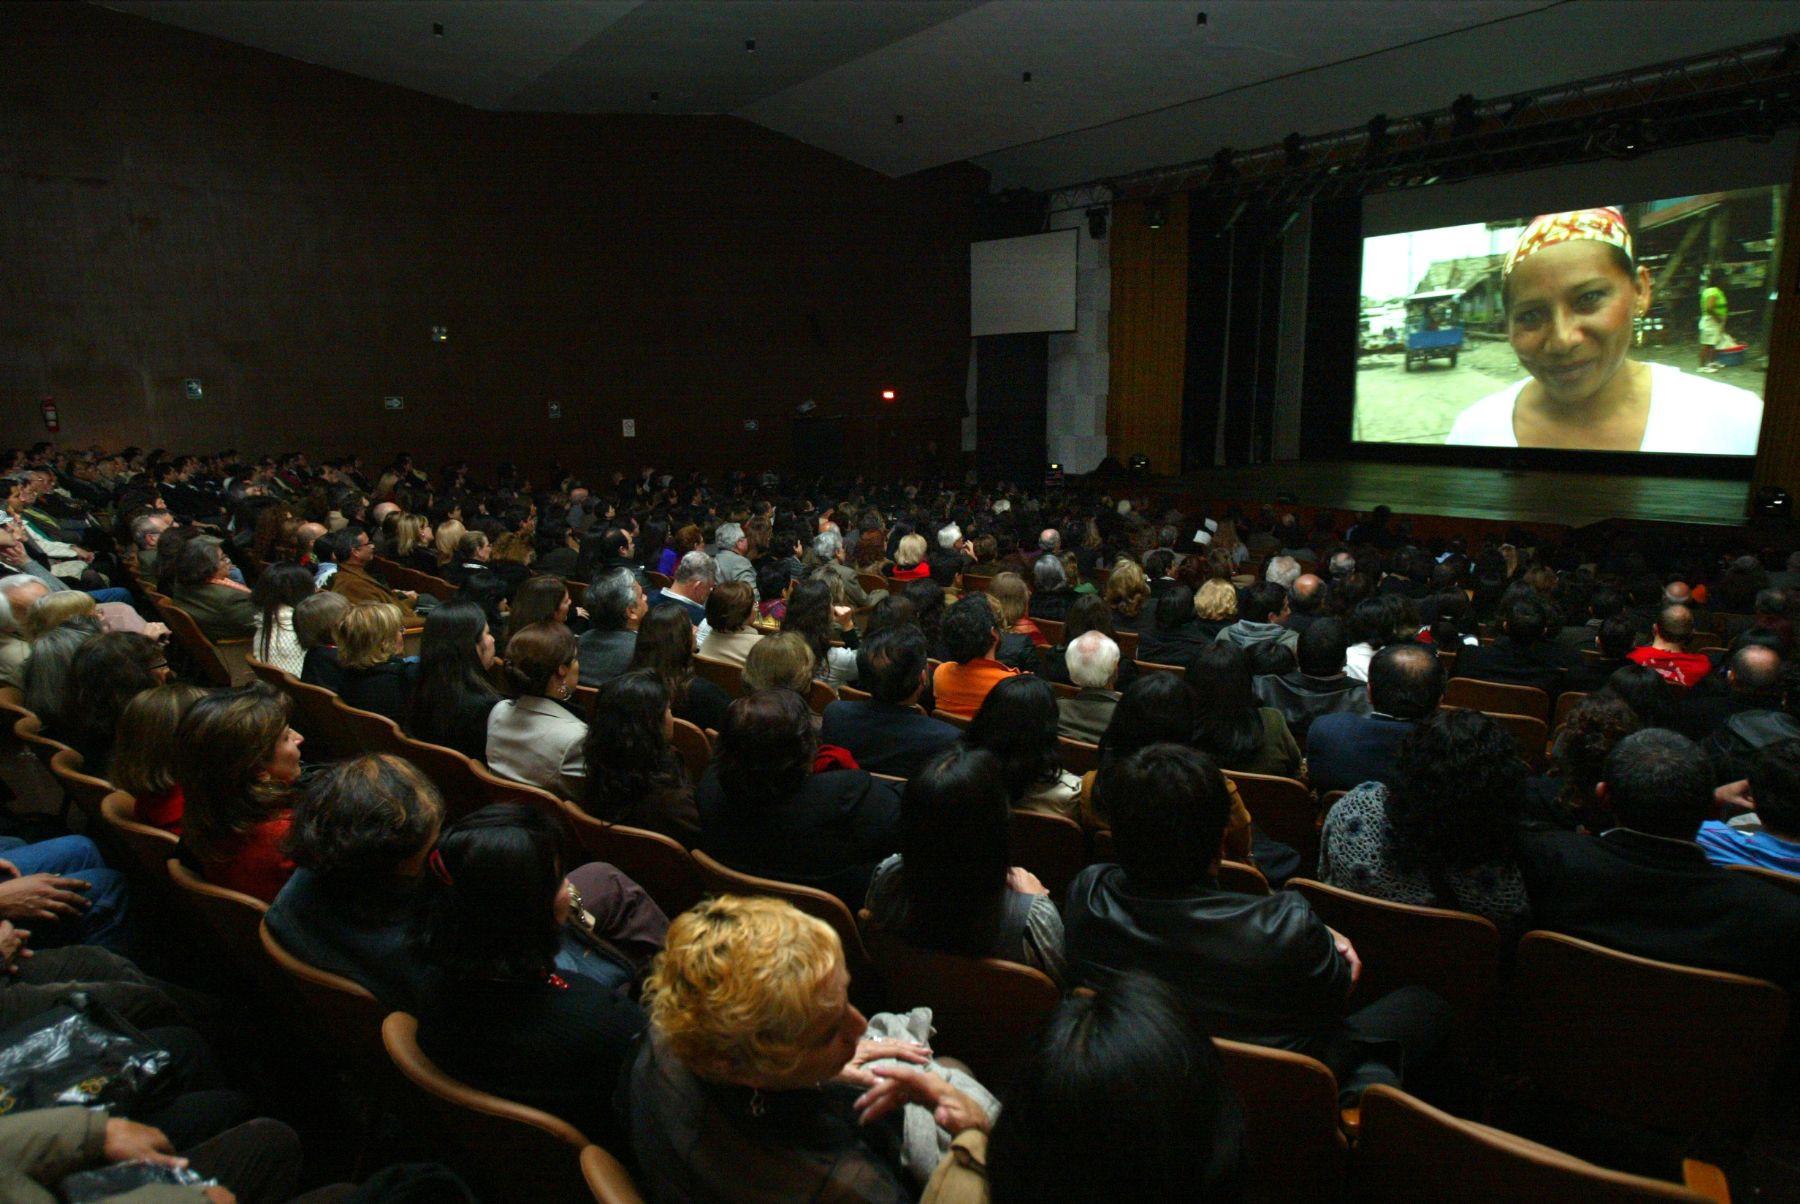 gobierno-autoriza-la-apertura-de-cines-gimnasios-teatros-y-casinos-con-aforo-del-40